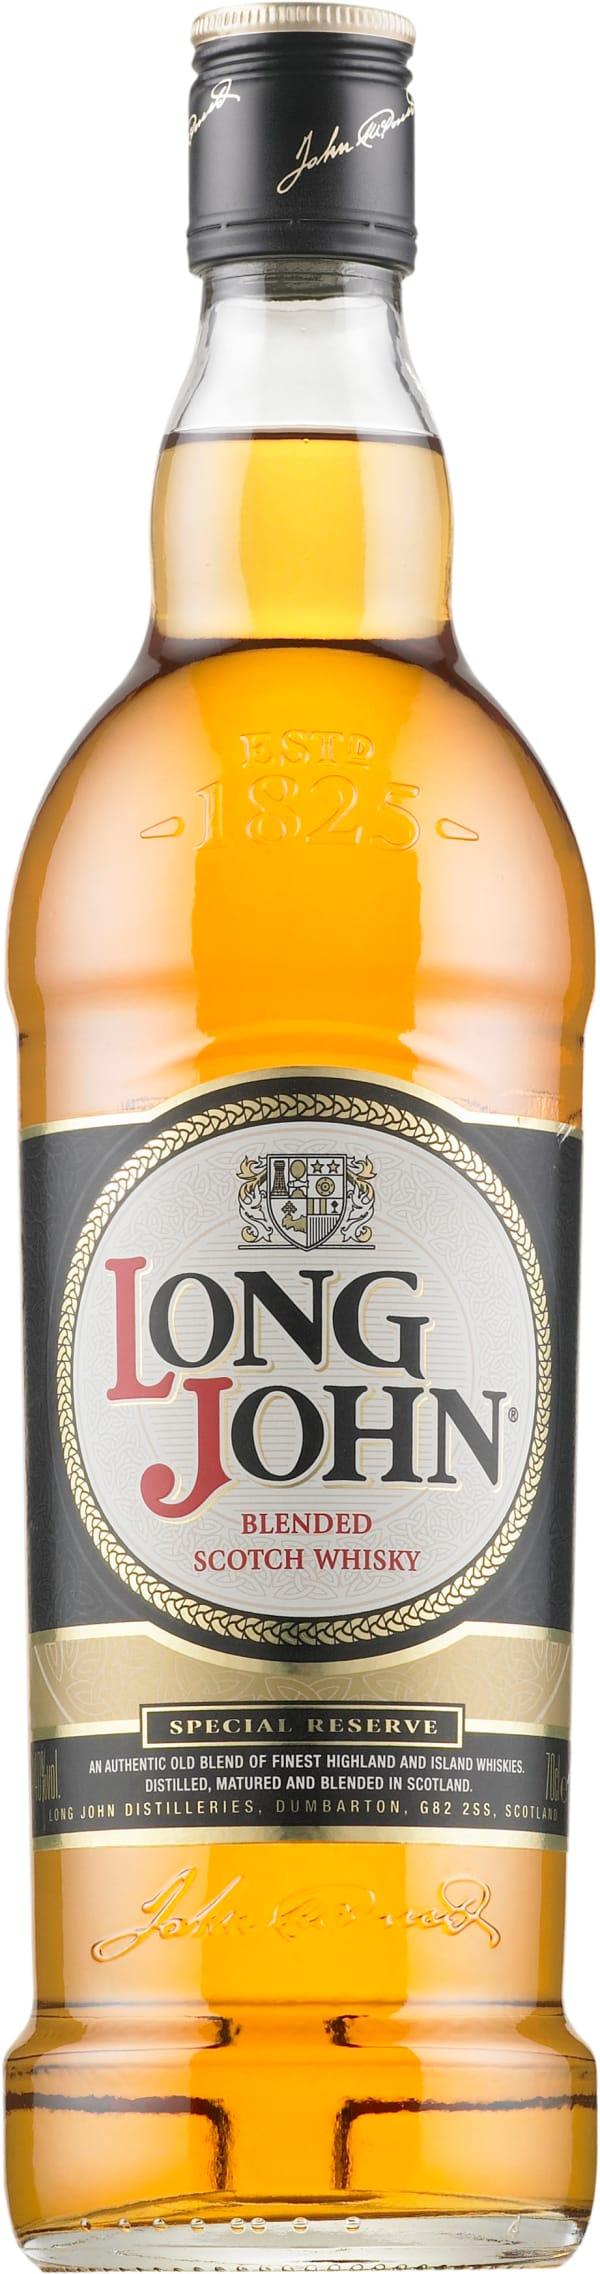 Long John